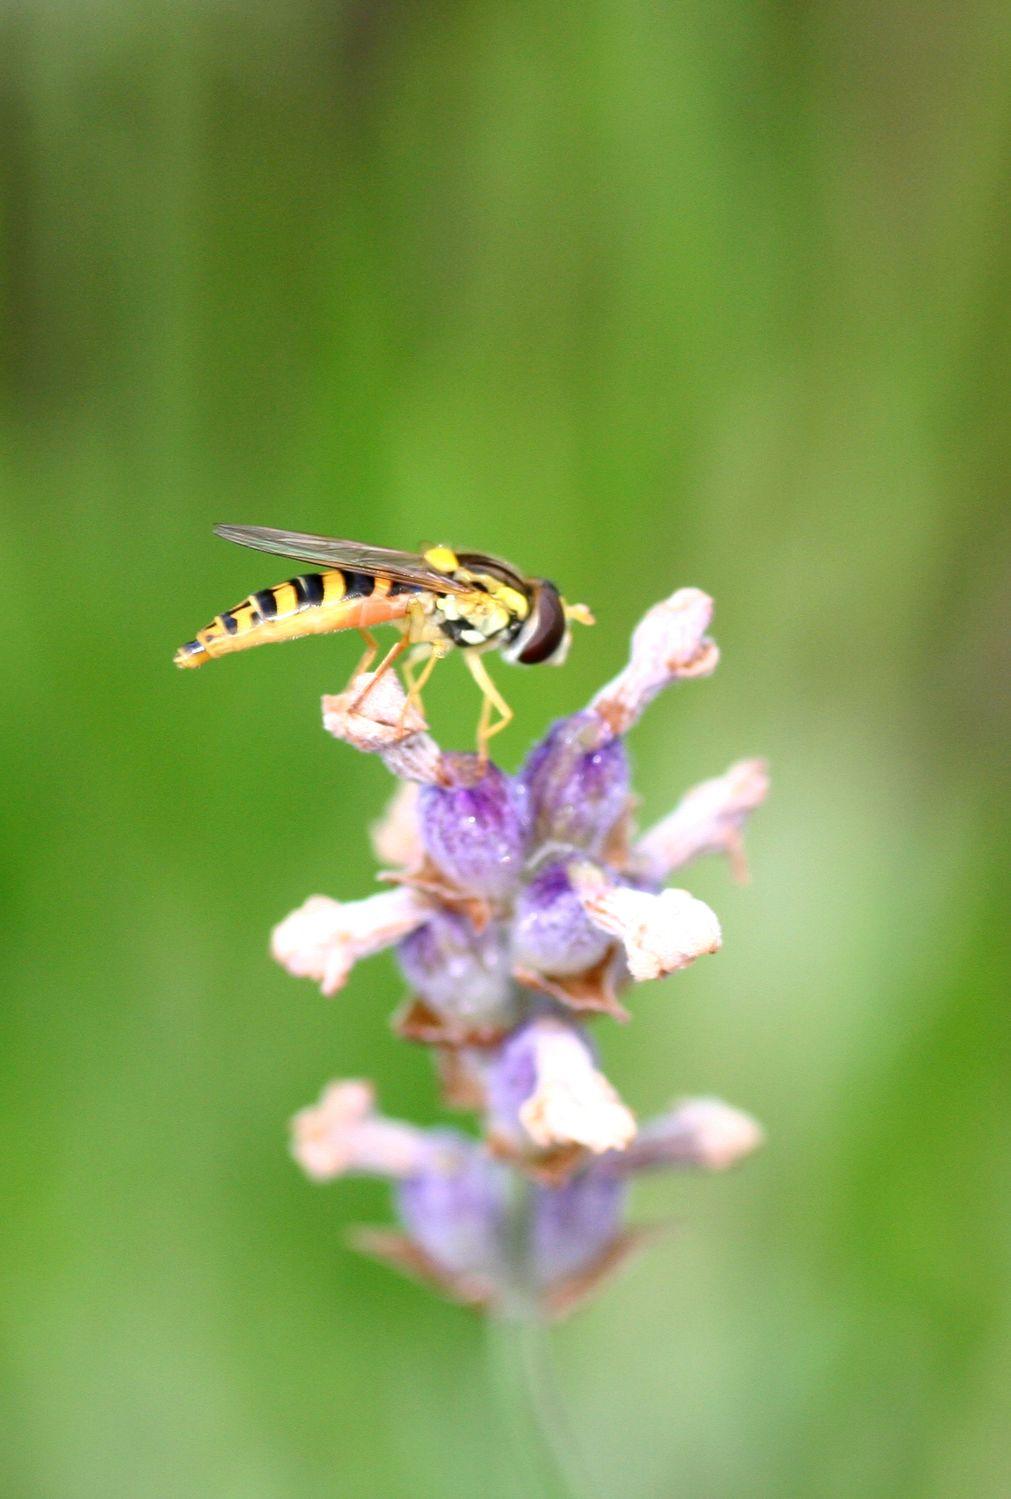 Bild mit Tiere, Natur, Pflanzen, Blumen, Insekten, Hautflügler, Bienen, Sträucher, Lavendel, Tier, Schwebfliege